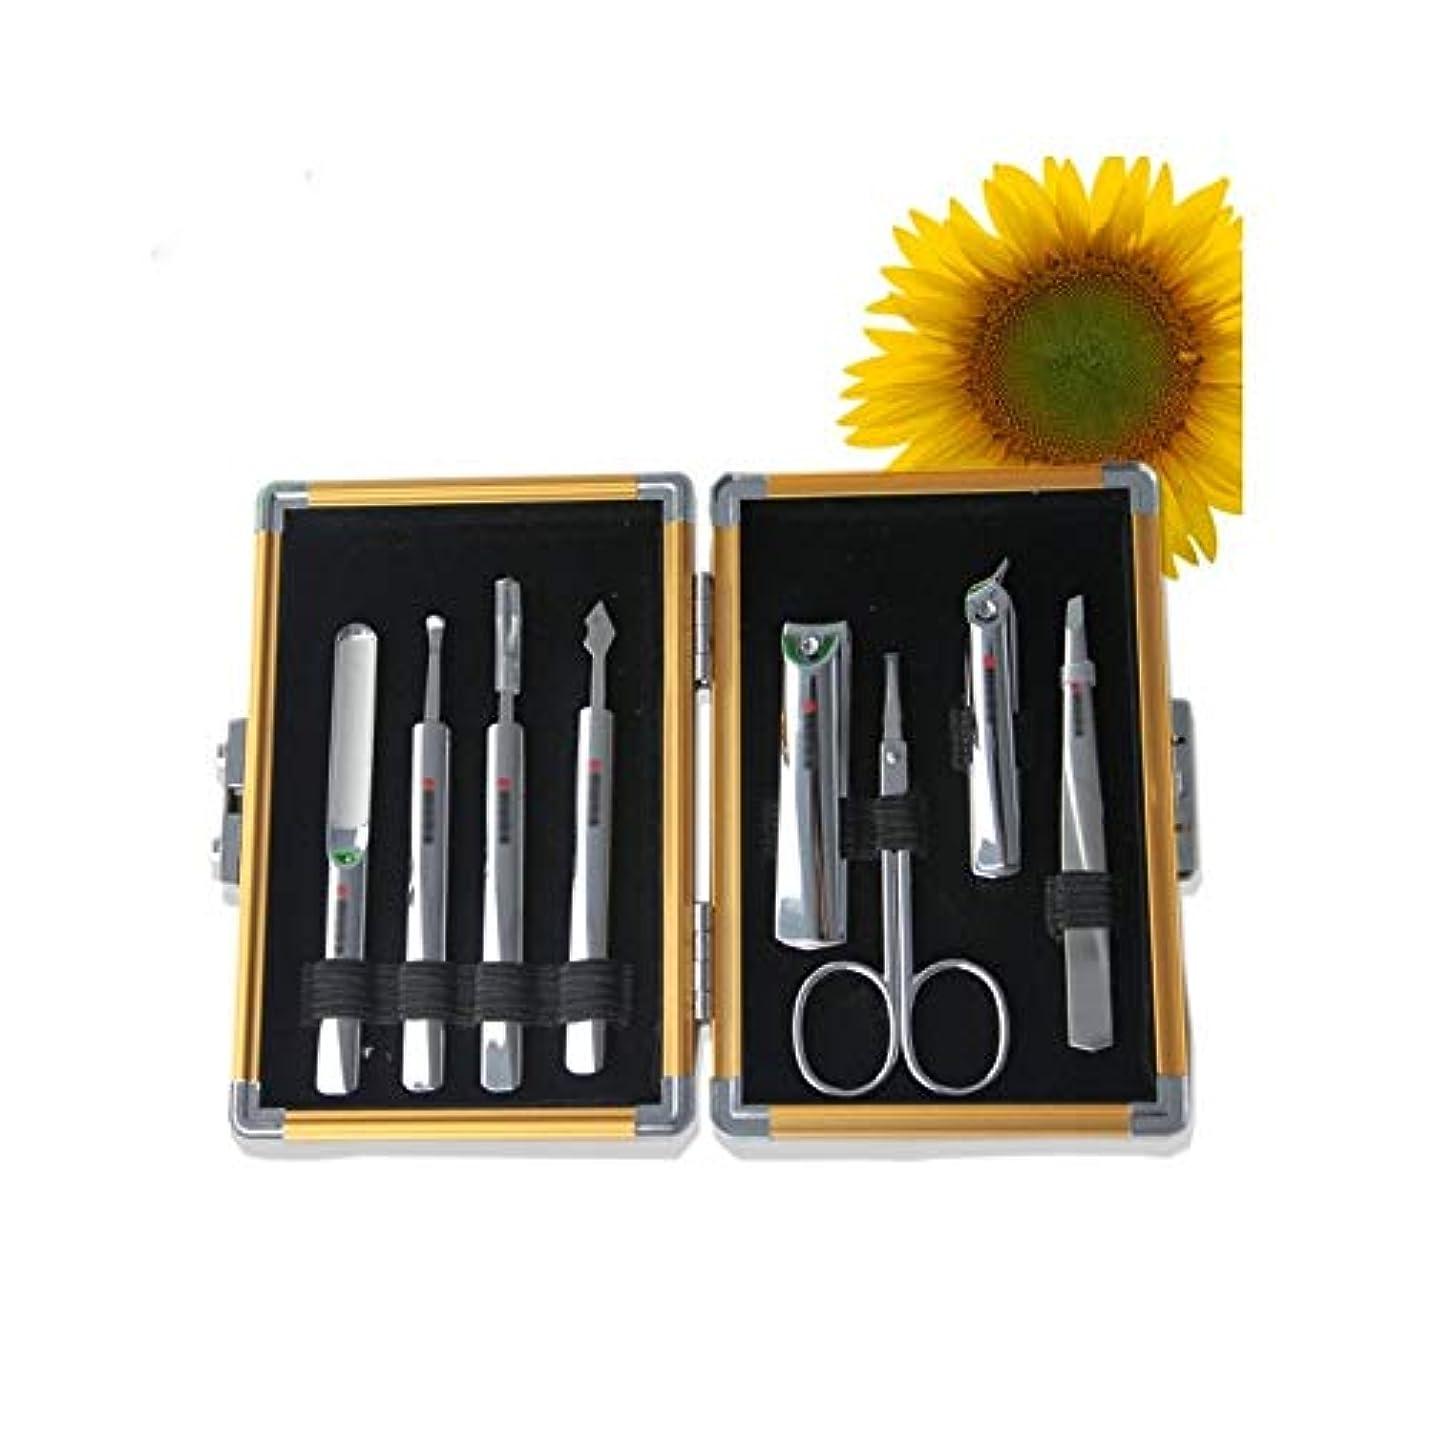 社員浸食オートTUOFL ネイルマニキュアネイルクリッパーセット8個セット、多機能美容ツール、ステンレス素材シャープで耐久性 (Color : Silver)